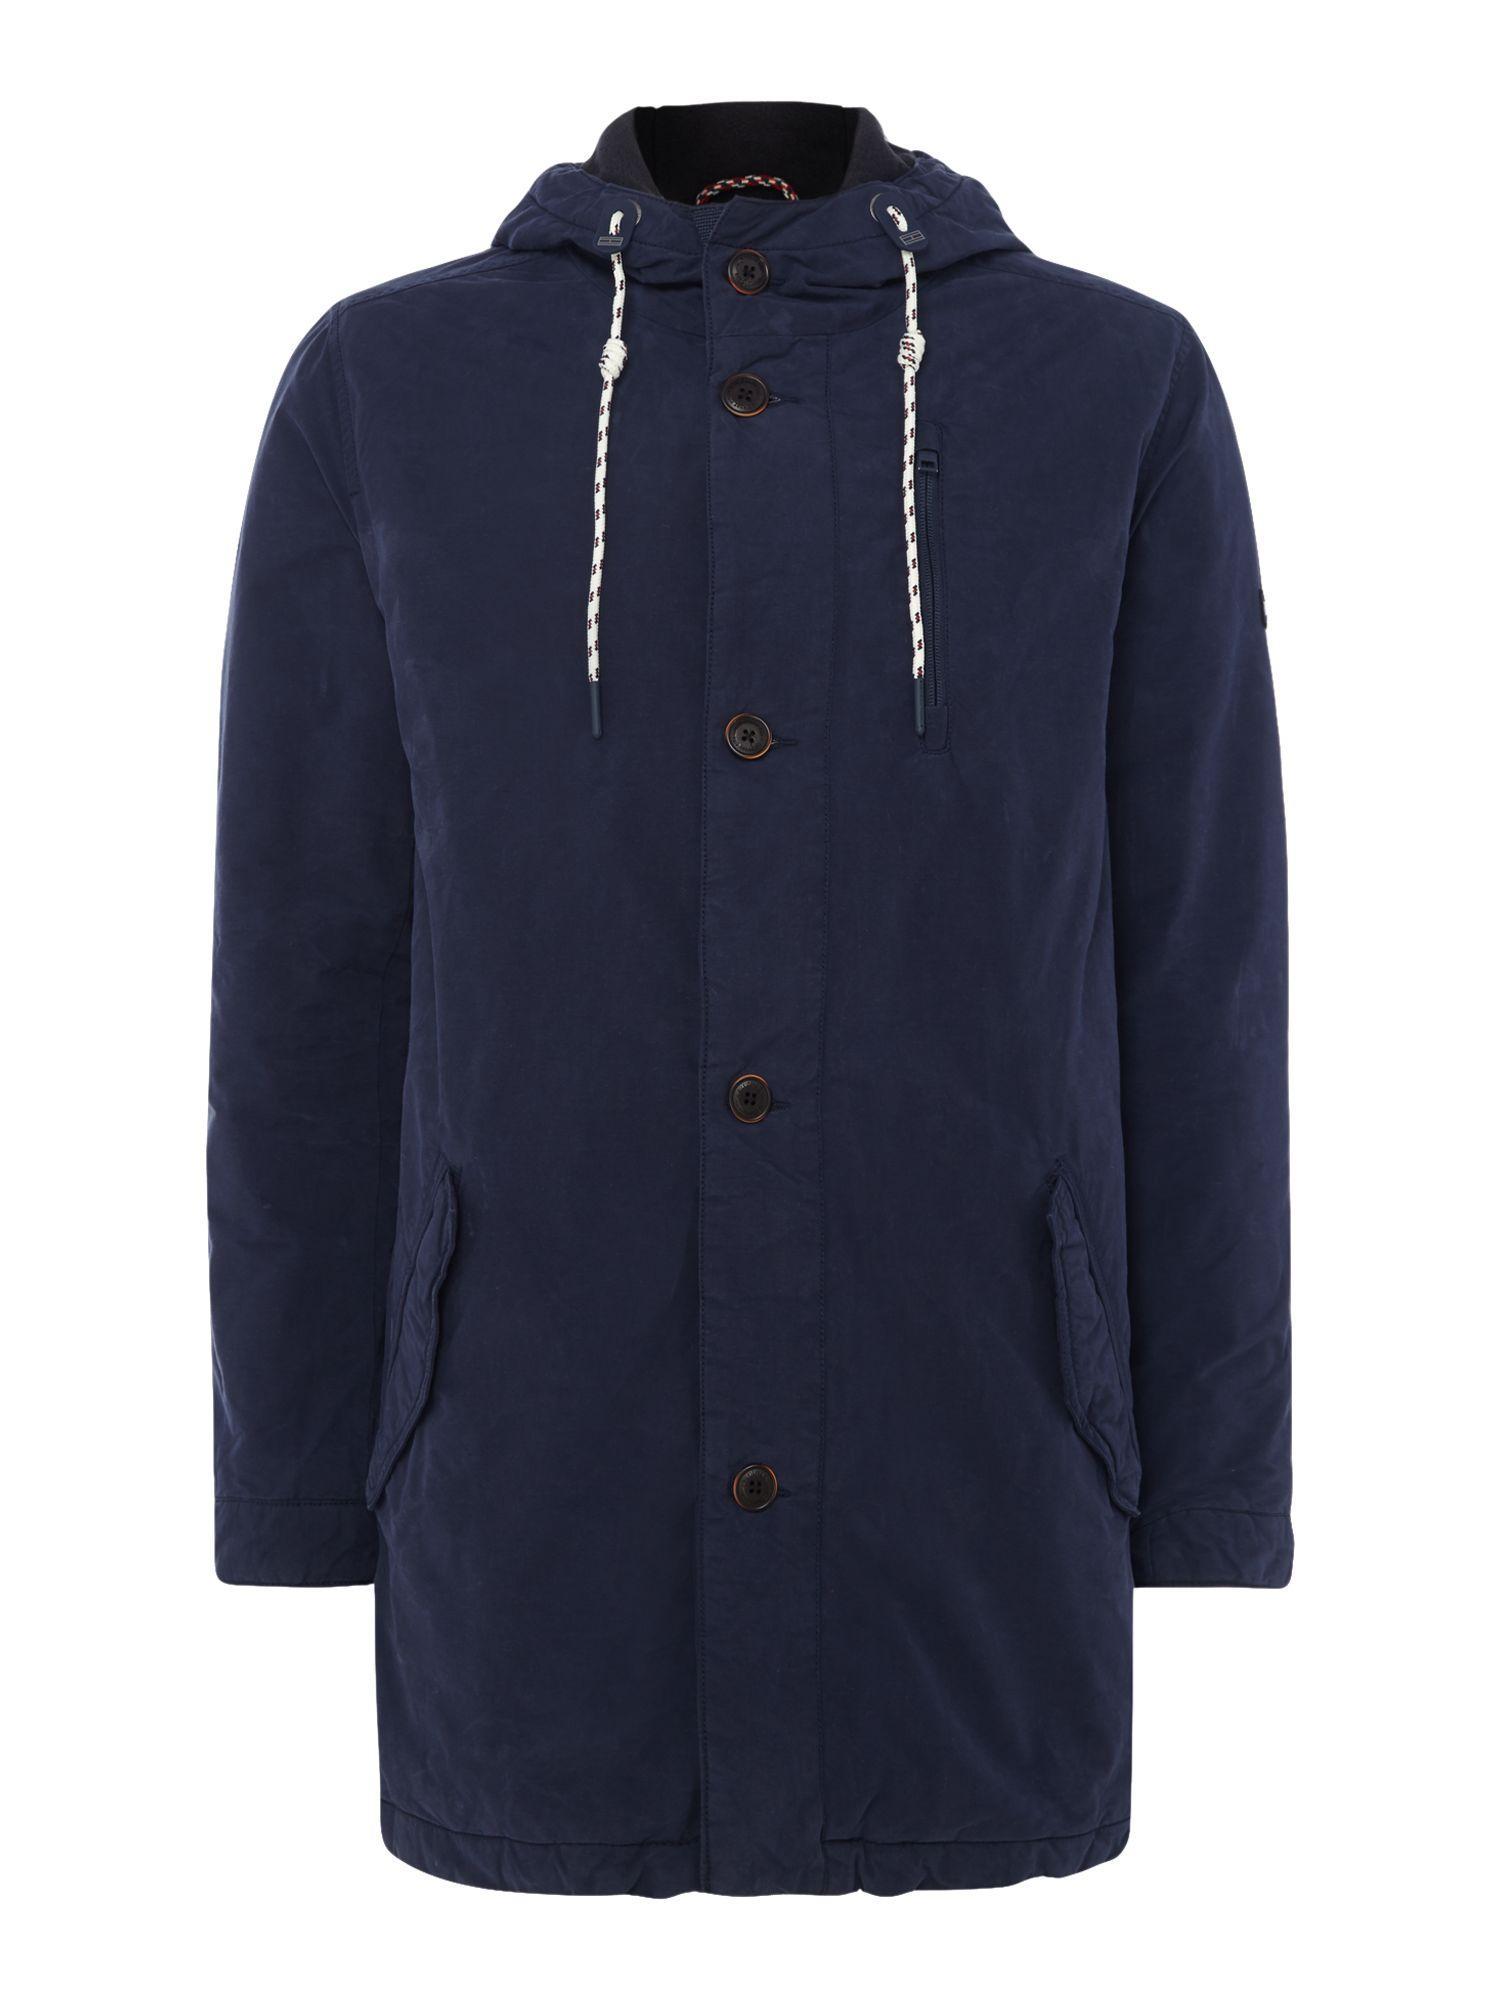 lyst tommy hilfiger coated parka jacket in blue for men. Black Bedroom Furniture Sets. Home Design Ideas